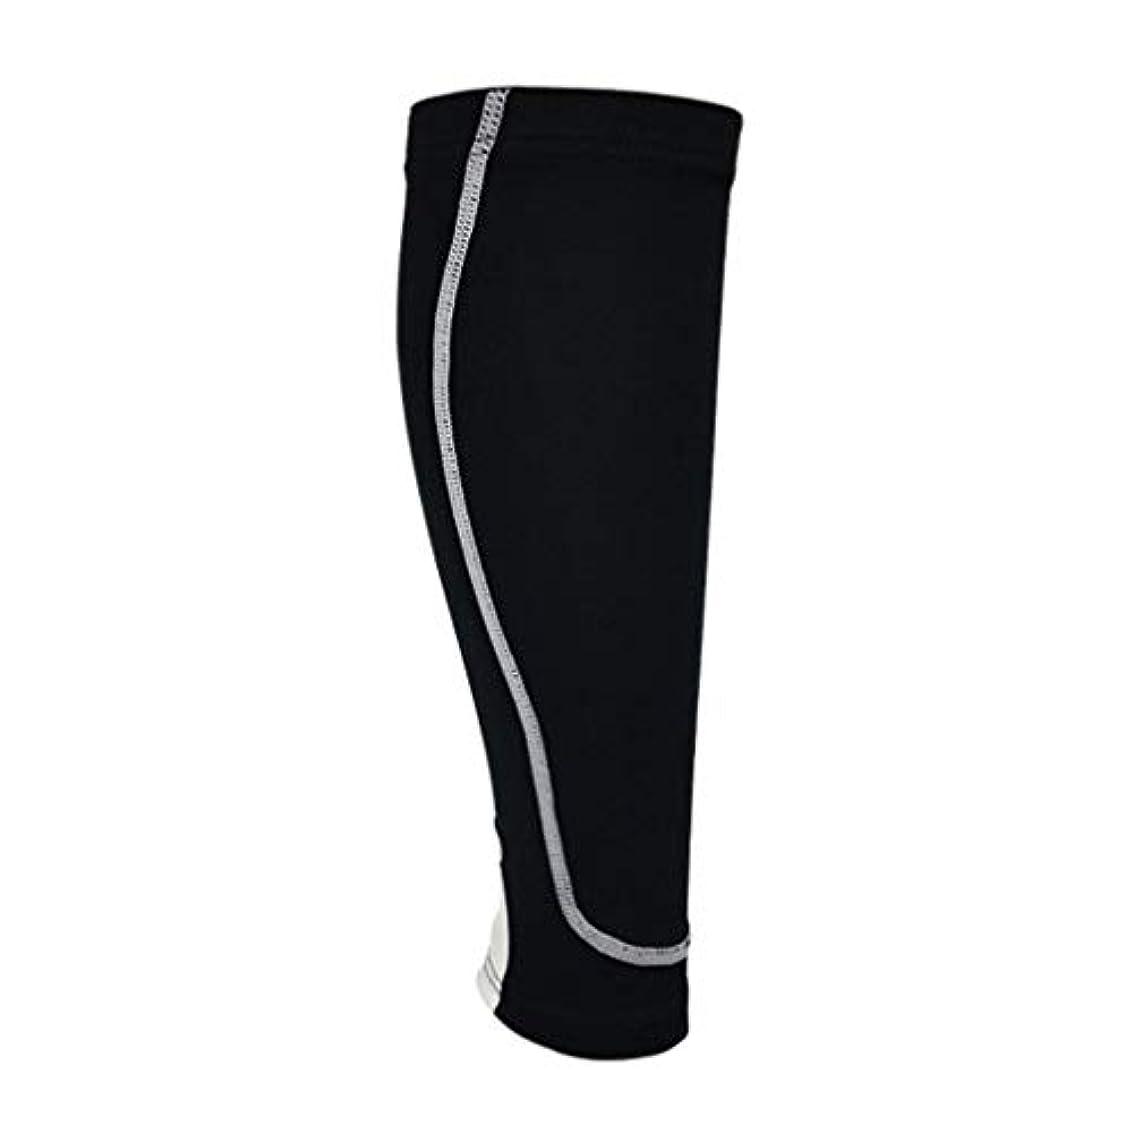 オーク護衛一貫性のない伸縮性がある足はスポーツのための足の袖の換気の圧縮の足のパッドを暖めます-Rustle666